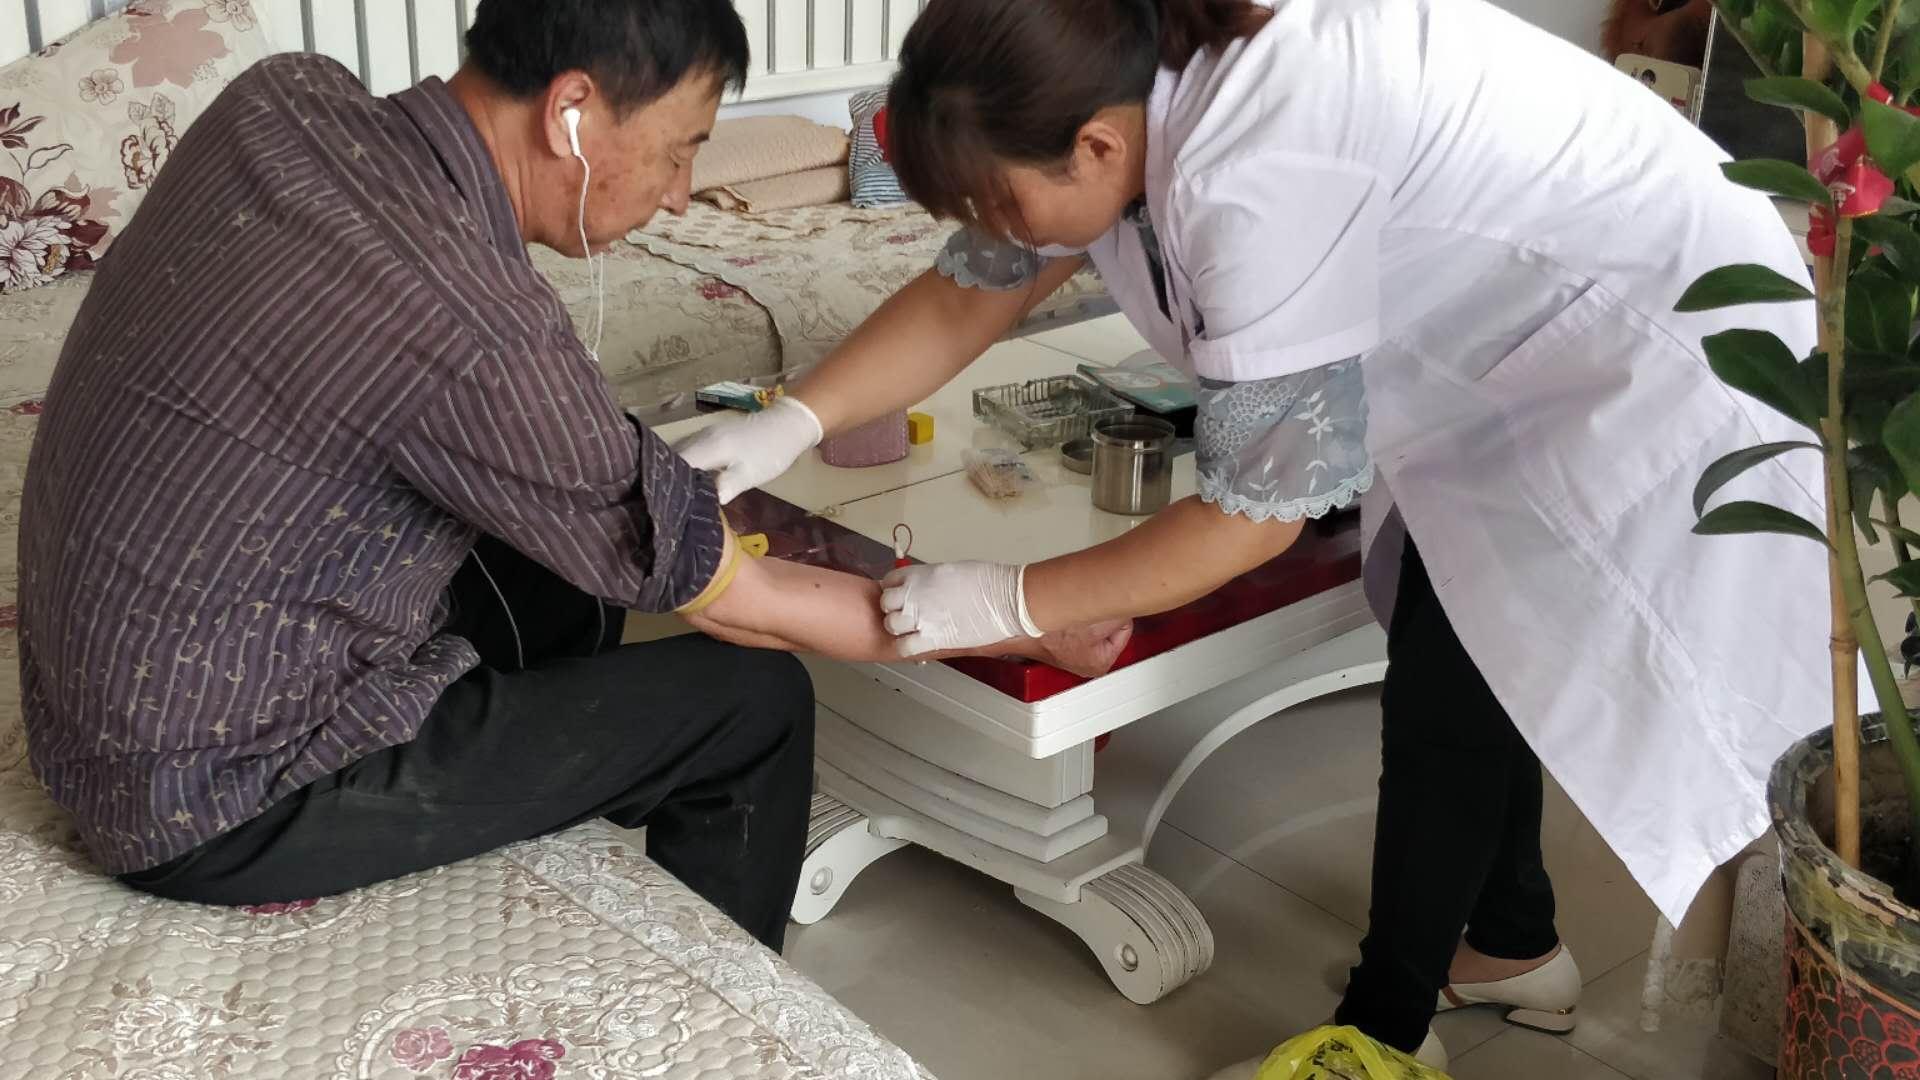 0610磴口县疾控中心开展人感染H7N9禽流感职业人群及外环境监测采样1.png